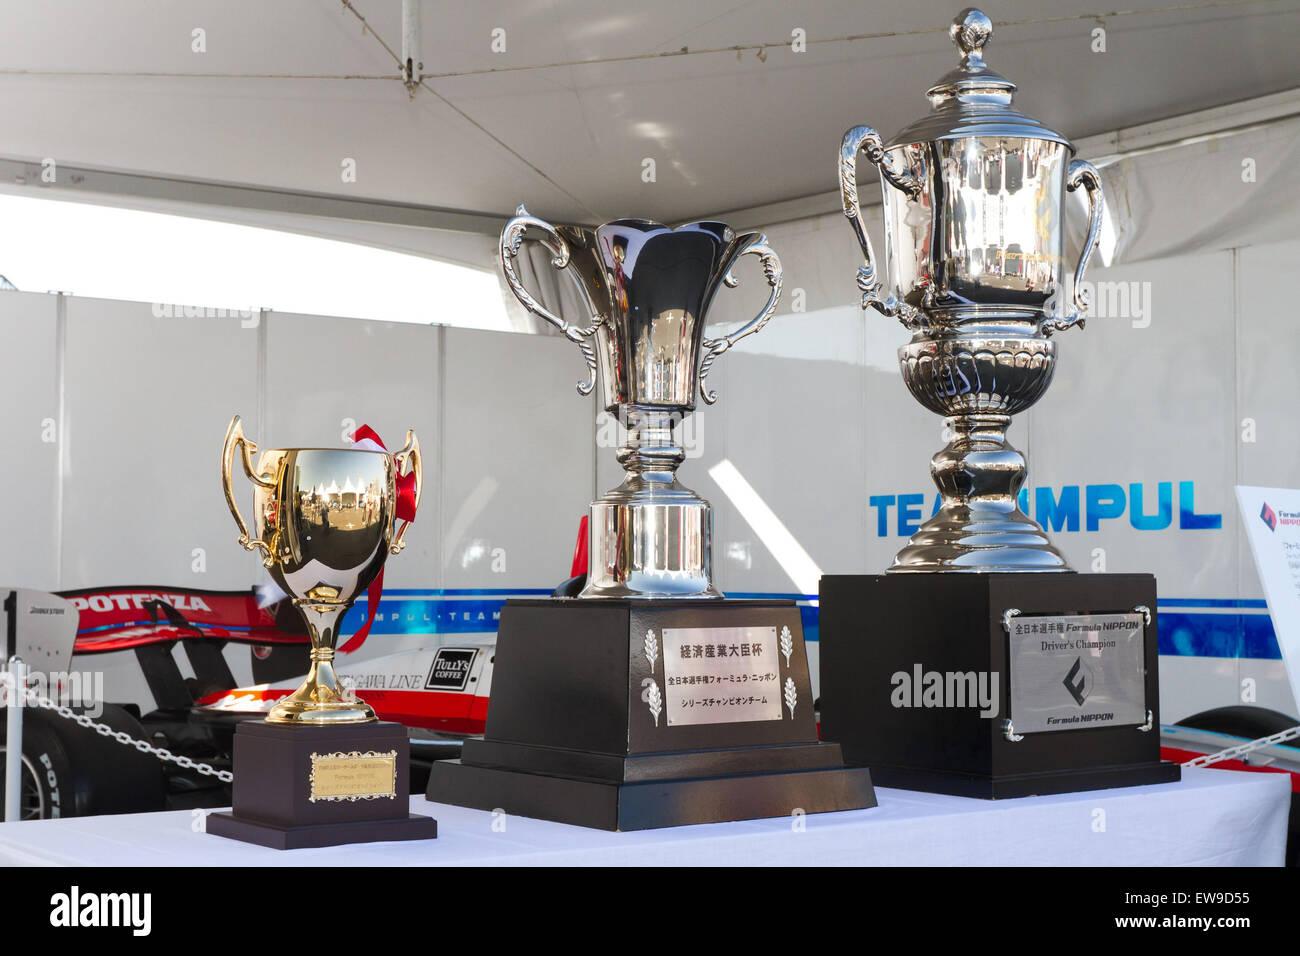 Formel Nippon Trophäen 2011 Motorsport Japan Stockbild